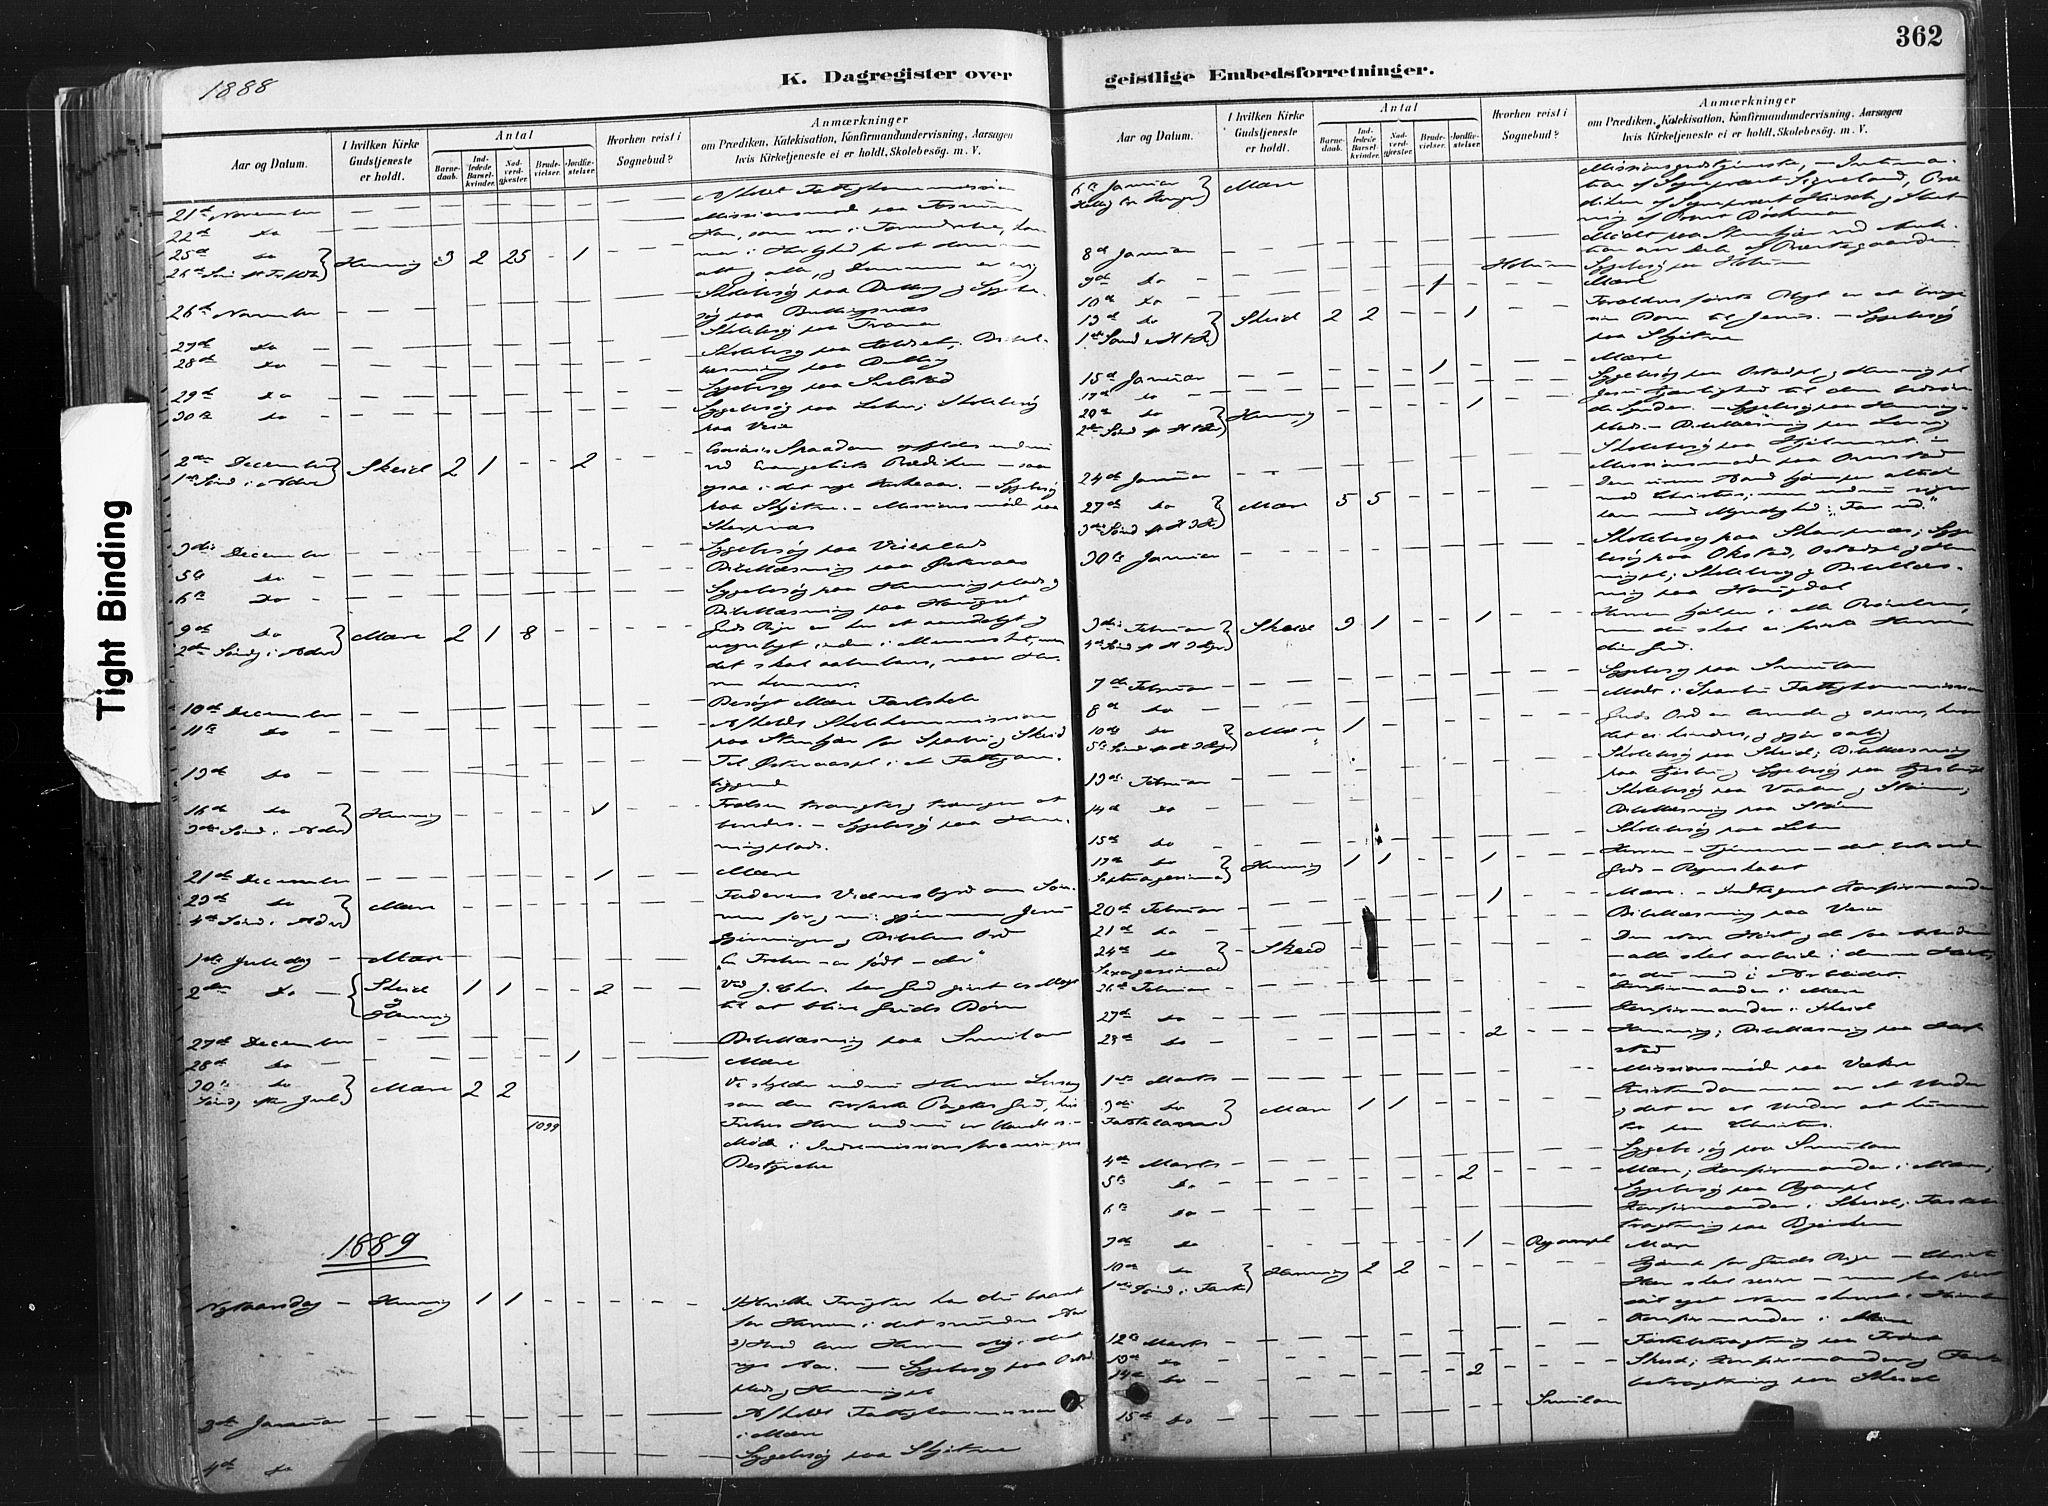 SAT, Ministerialprotokoller, klokkerbøker og fødselsregistre - Nord-Trøndelag, 735/L0351: Ministerialbok nr. 735A10, 1884-1908, s. 362